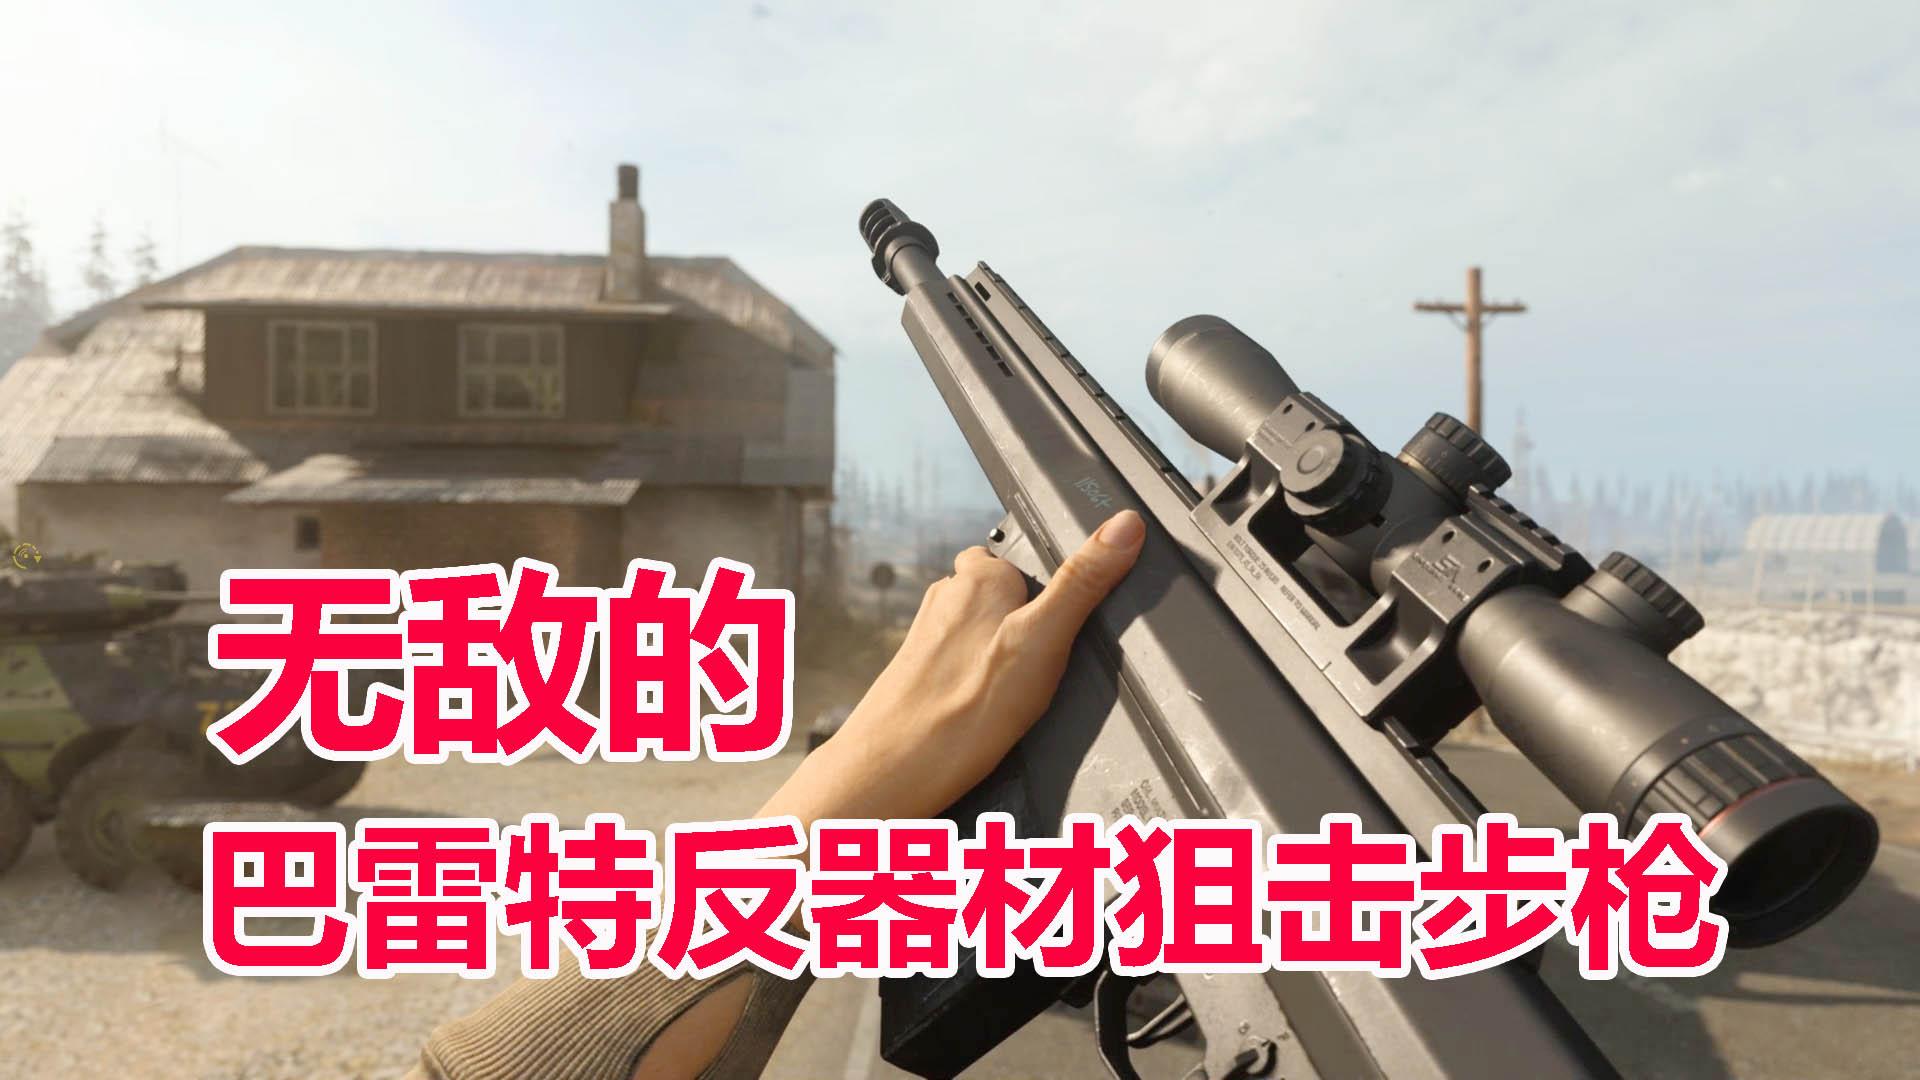 使命召唤16:对狙吗?强大的巴雷特反器材狙击步枪,超级无敌